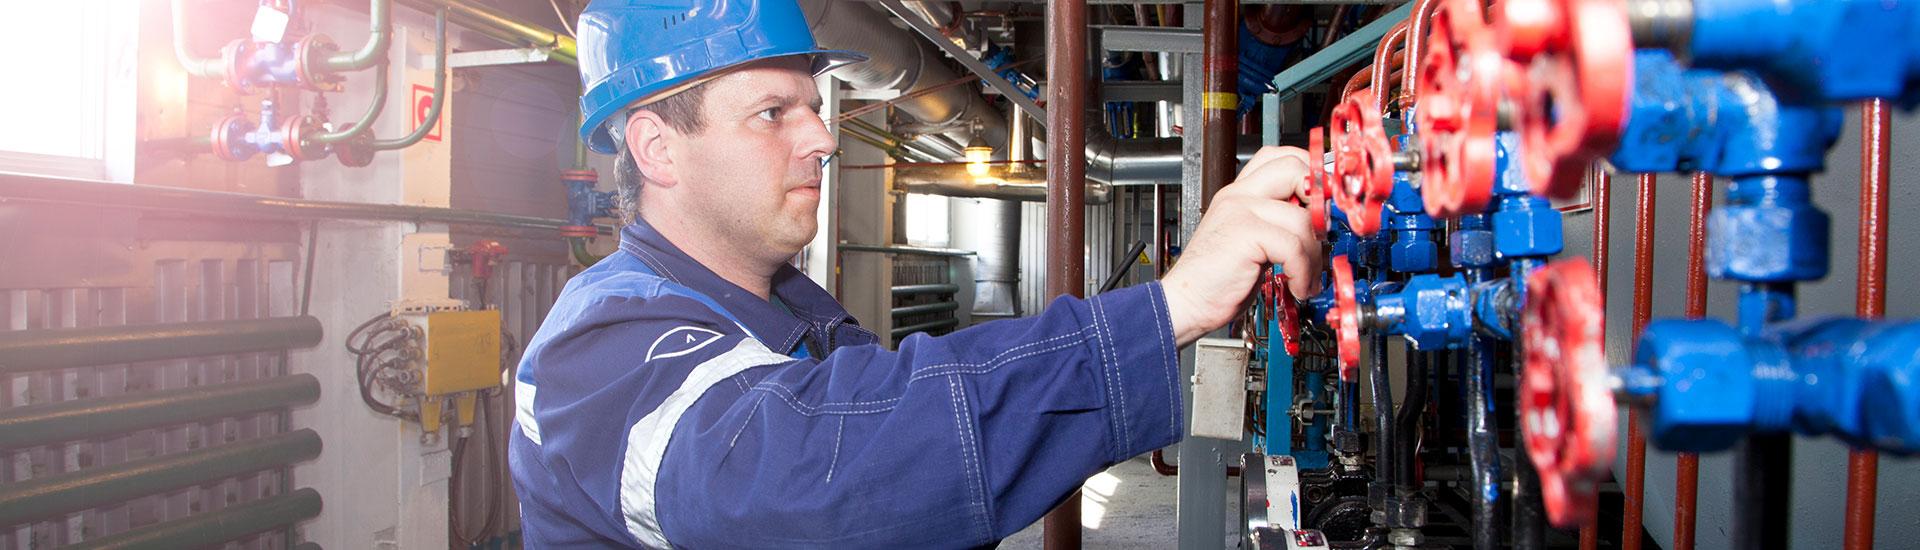 Heating Maintenance and Heating Repair in Belen NM, Los Alamos NM, Los Luna NM